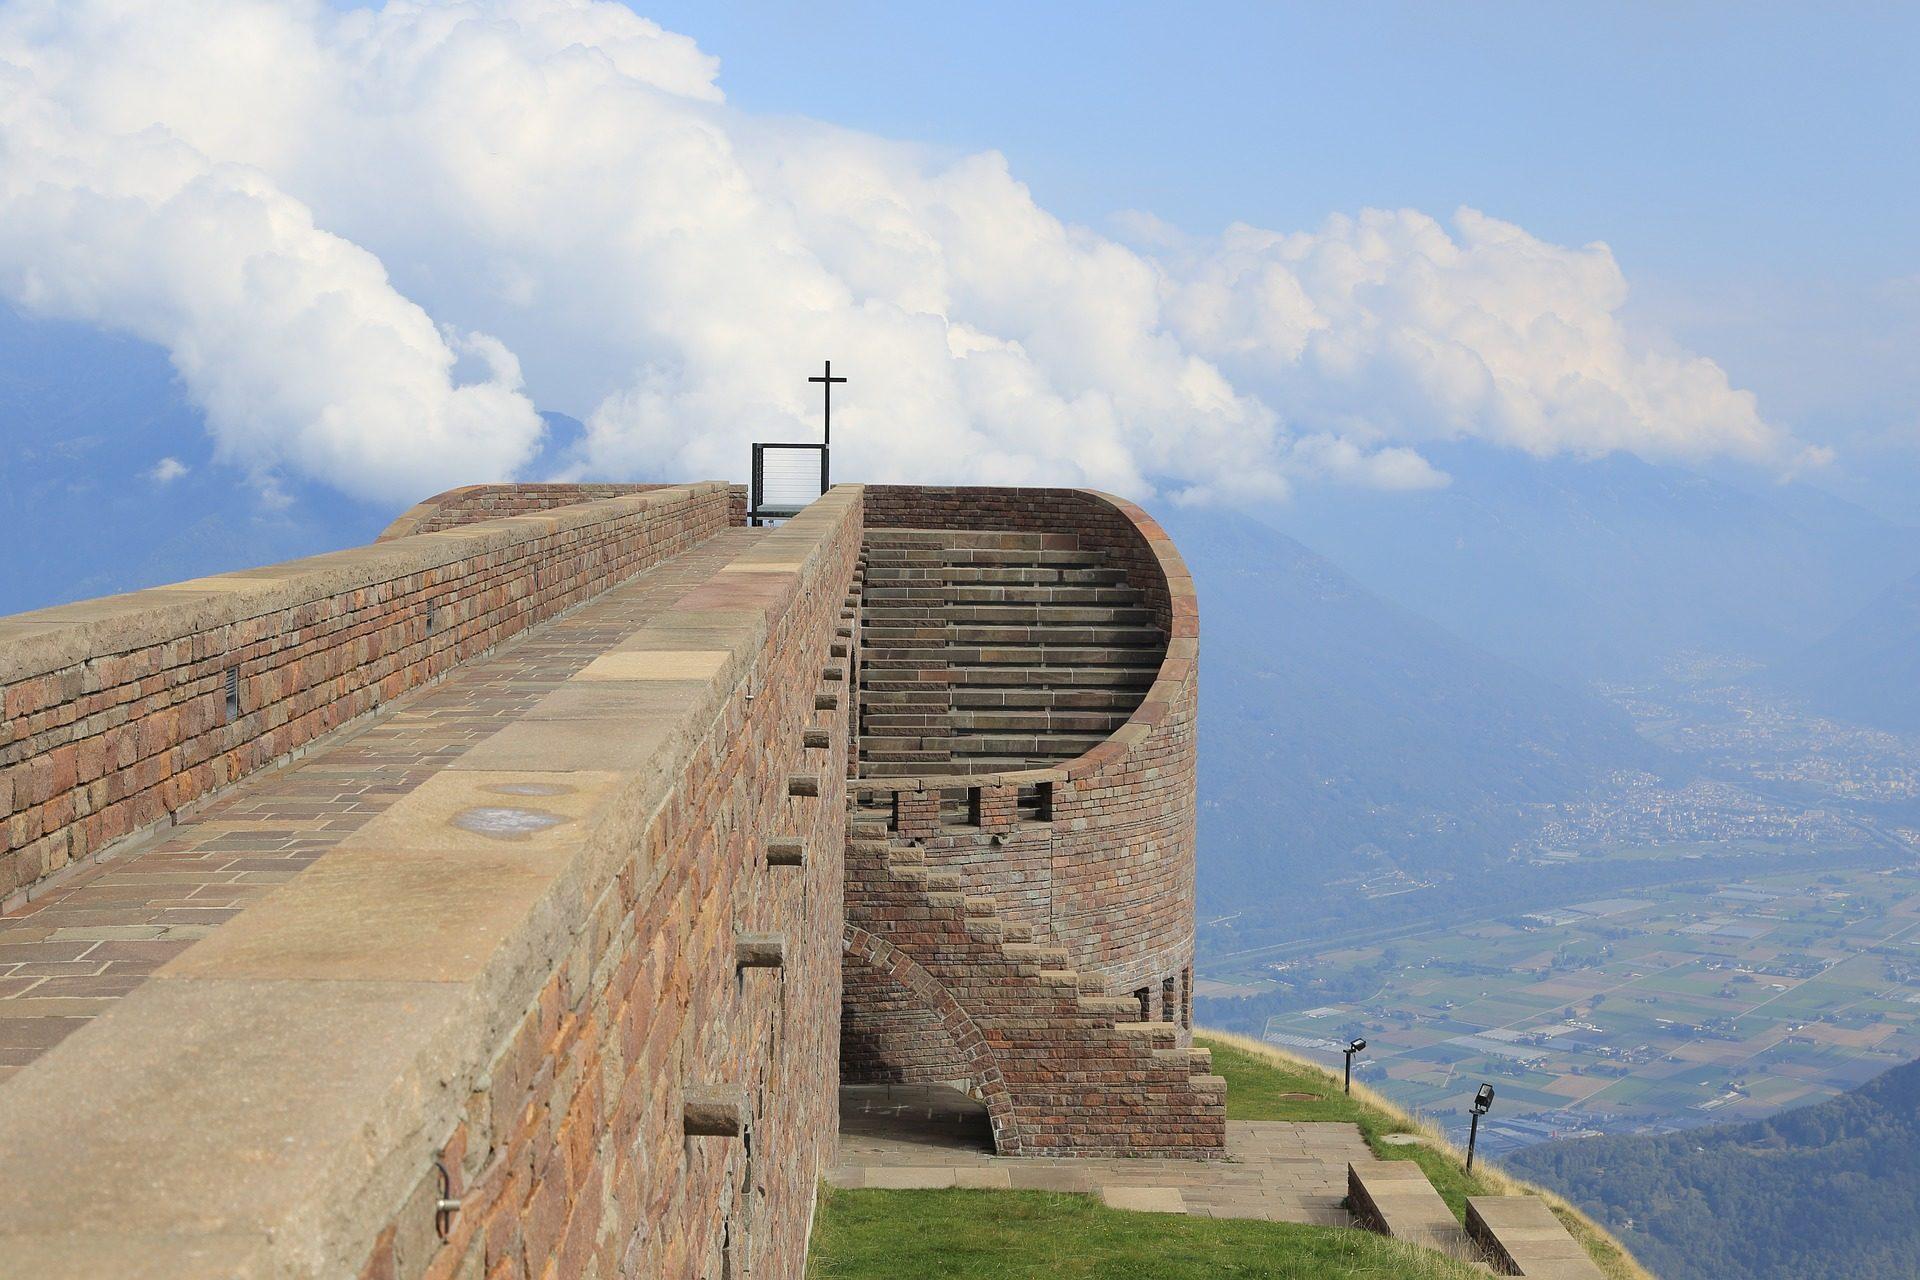 κτίριο, Όρος, Tamaro, Εκκλησία, αρχιτεκτονική, υψόμετρο - Wallpapers HD - Professor-falken.com